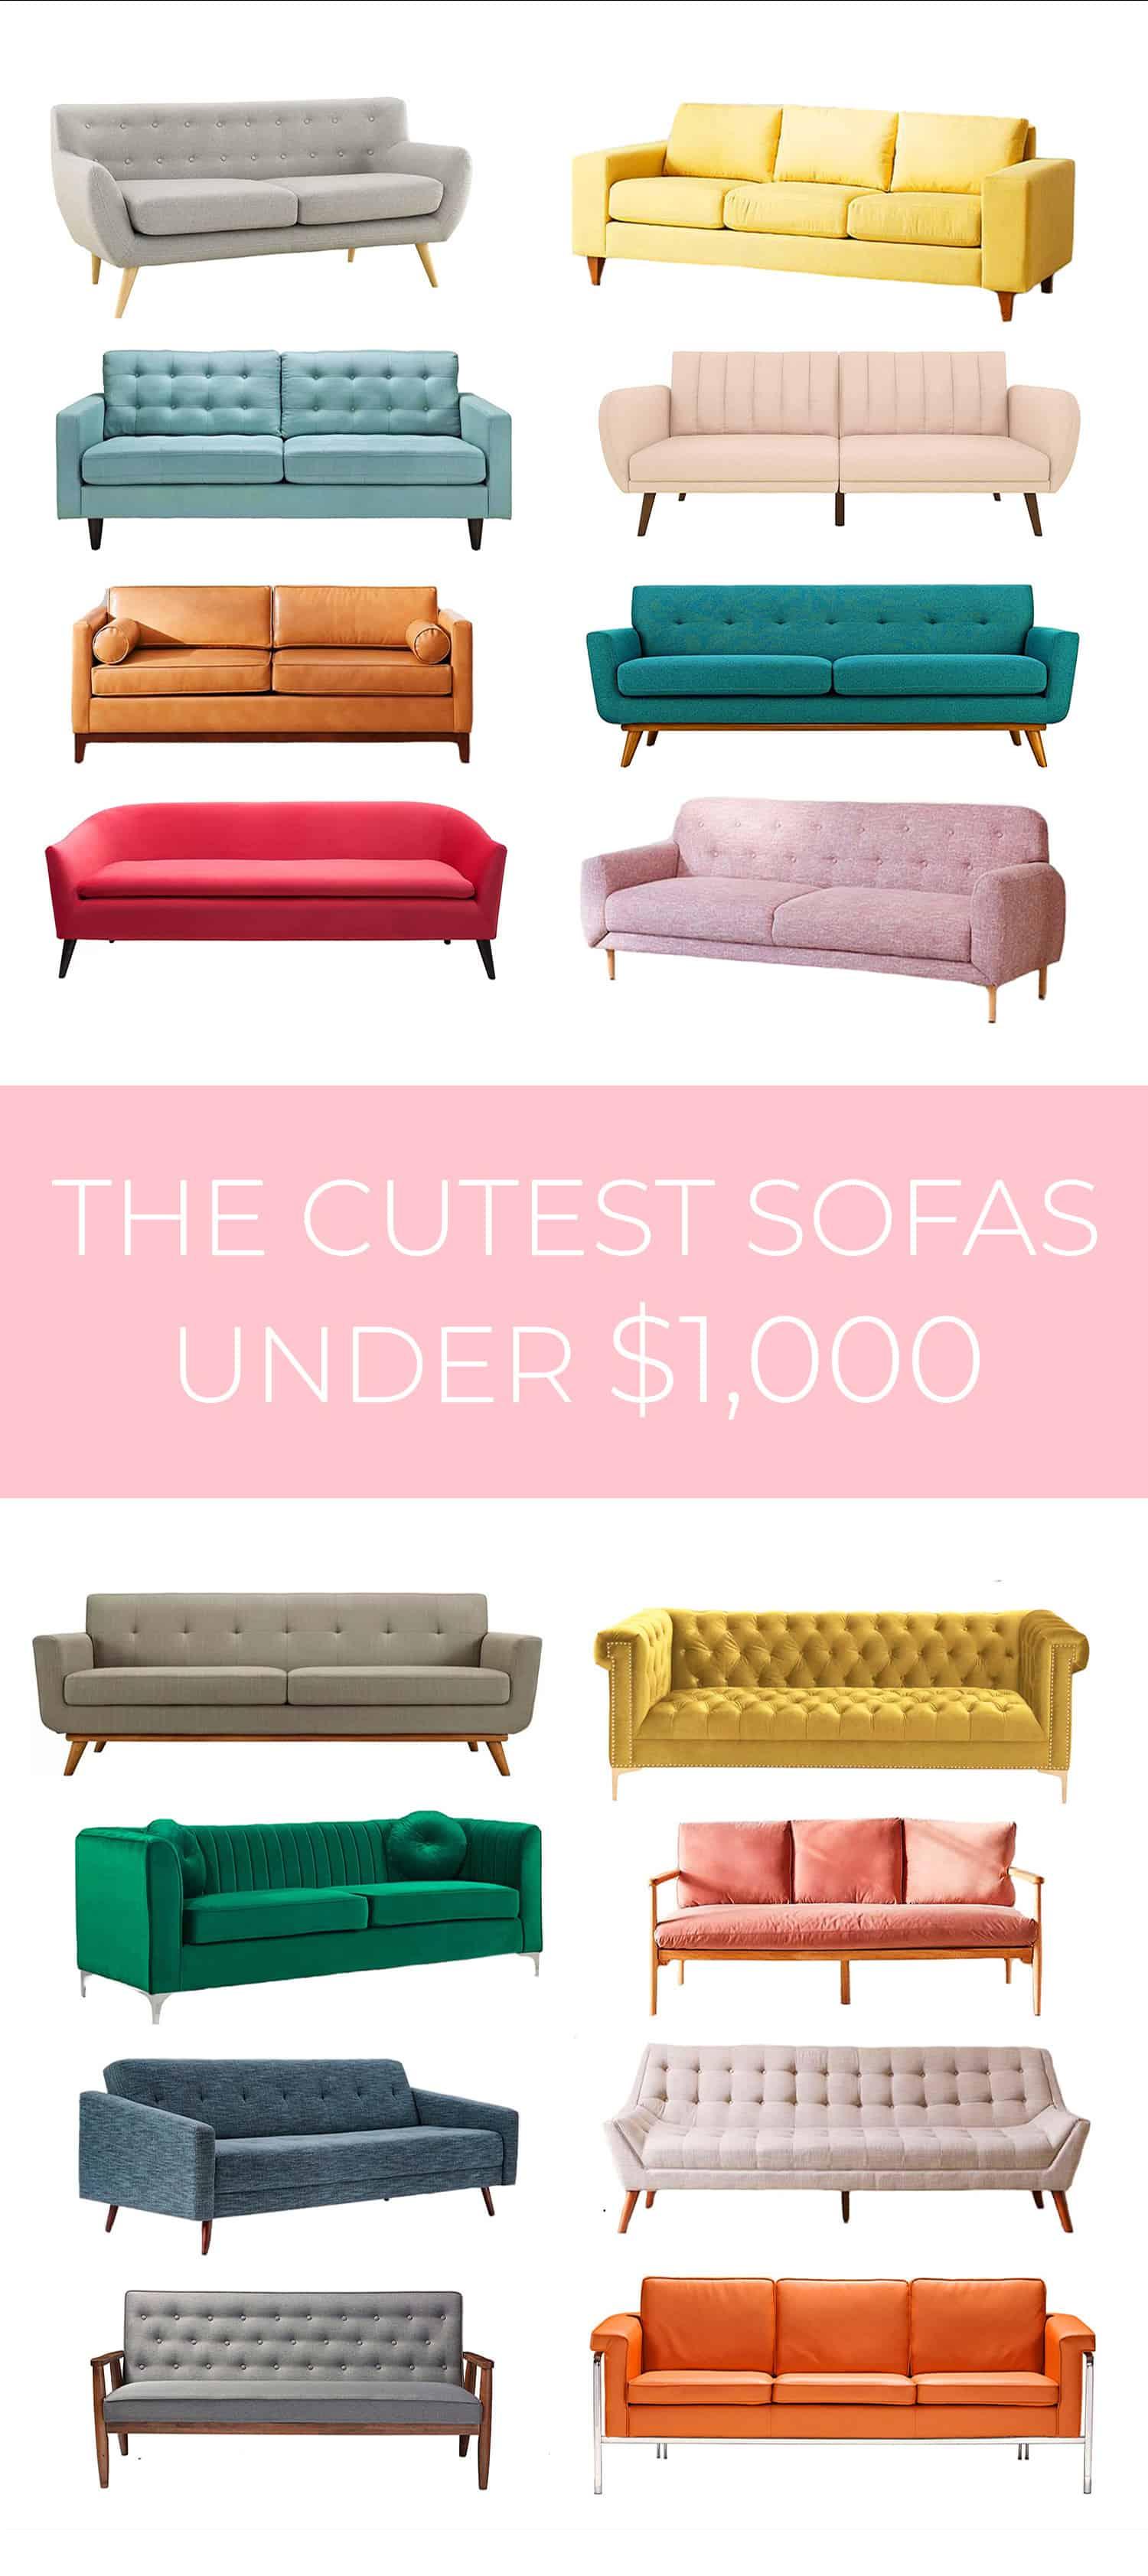 Die süßesten Sofas unter 1.000 Dollar